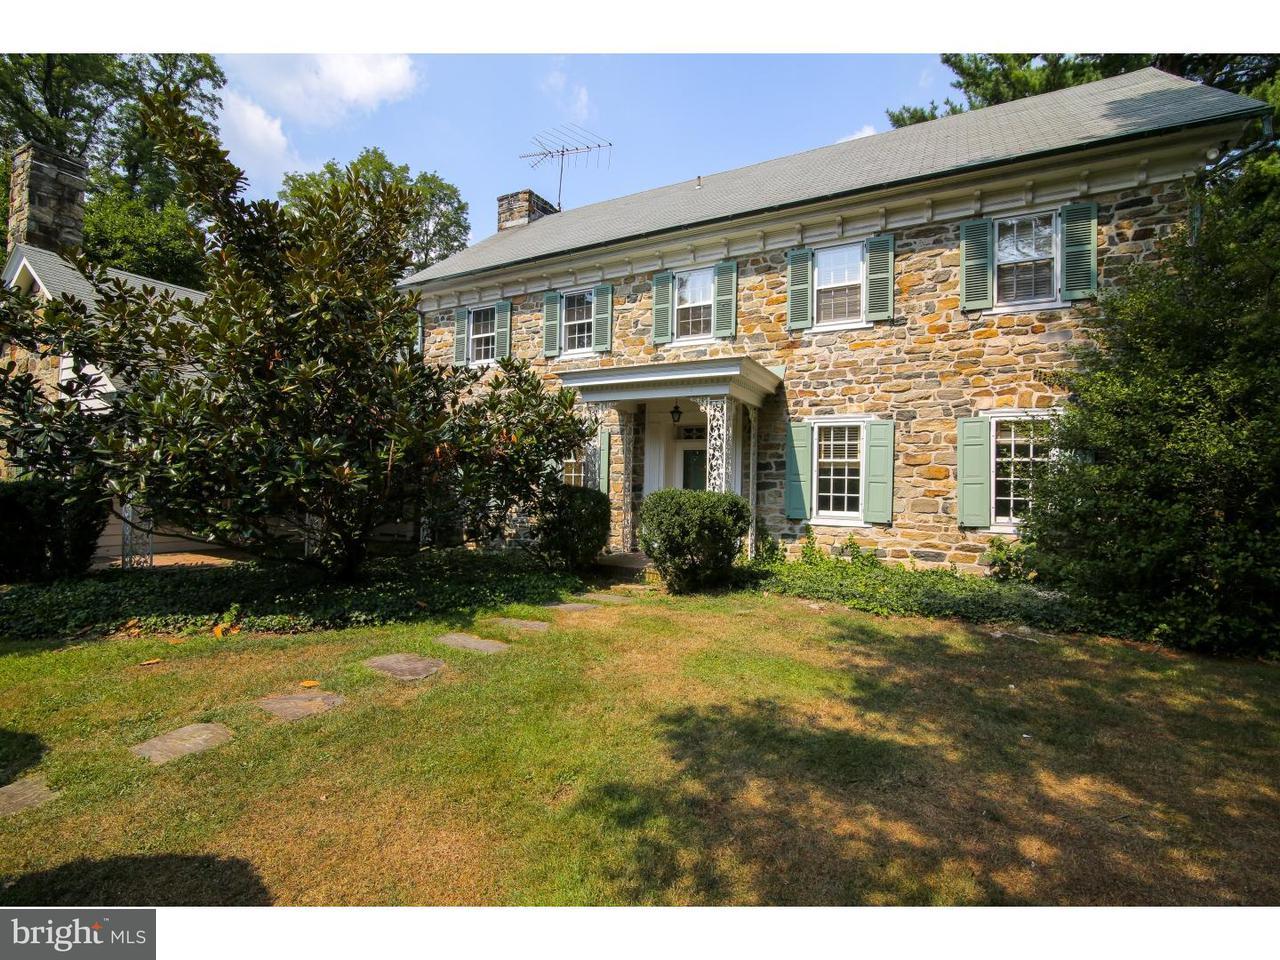 独户住宅 为 销售 在 156 MULBERRY HILL Road Barto, 宾夕法尼亚州 19504 美国